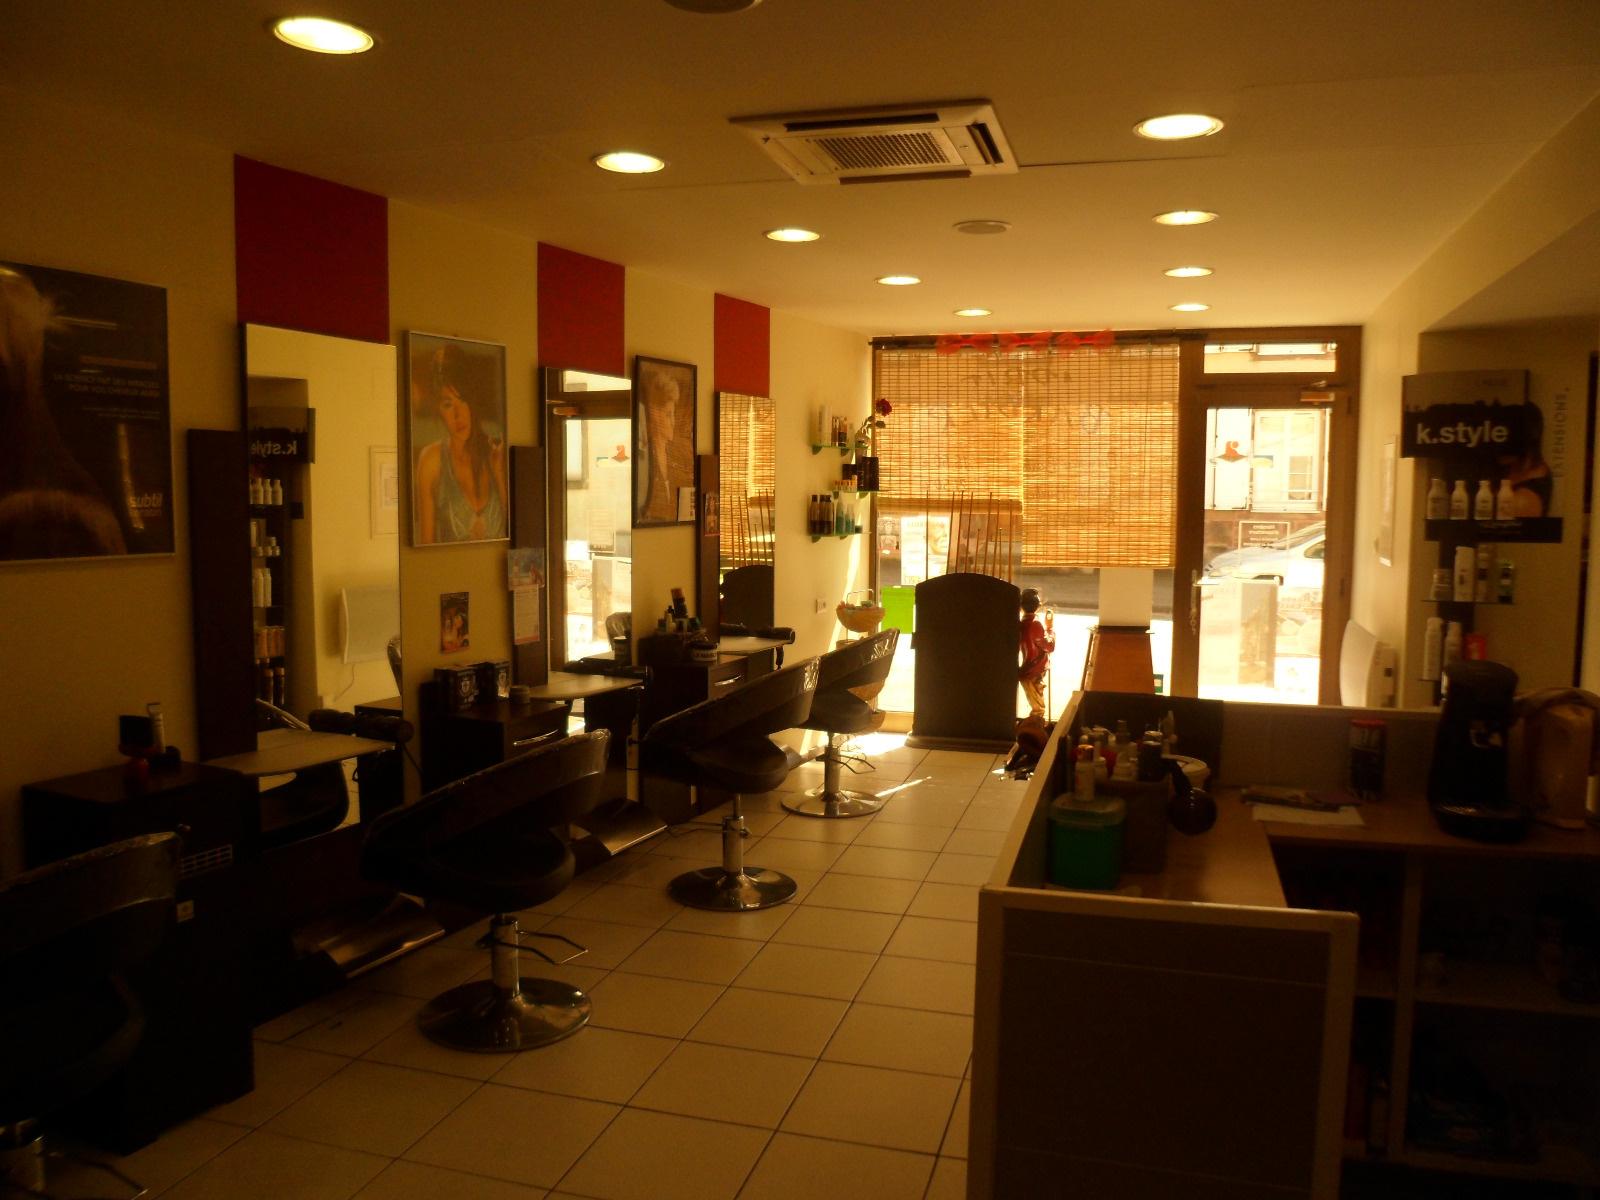 Vente maison individuelle badonviller y compris salon de for Salon de coiffure qui recherche apprenti